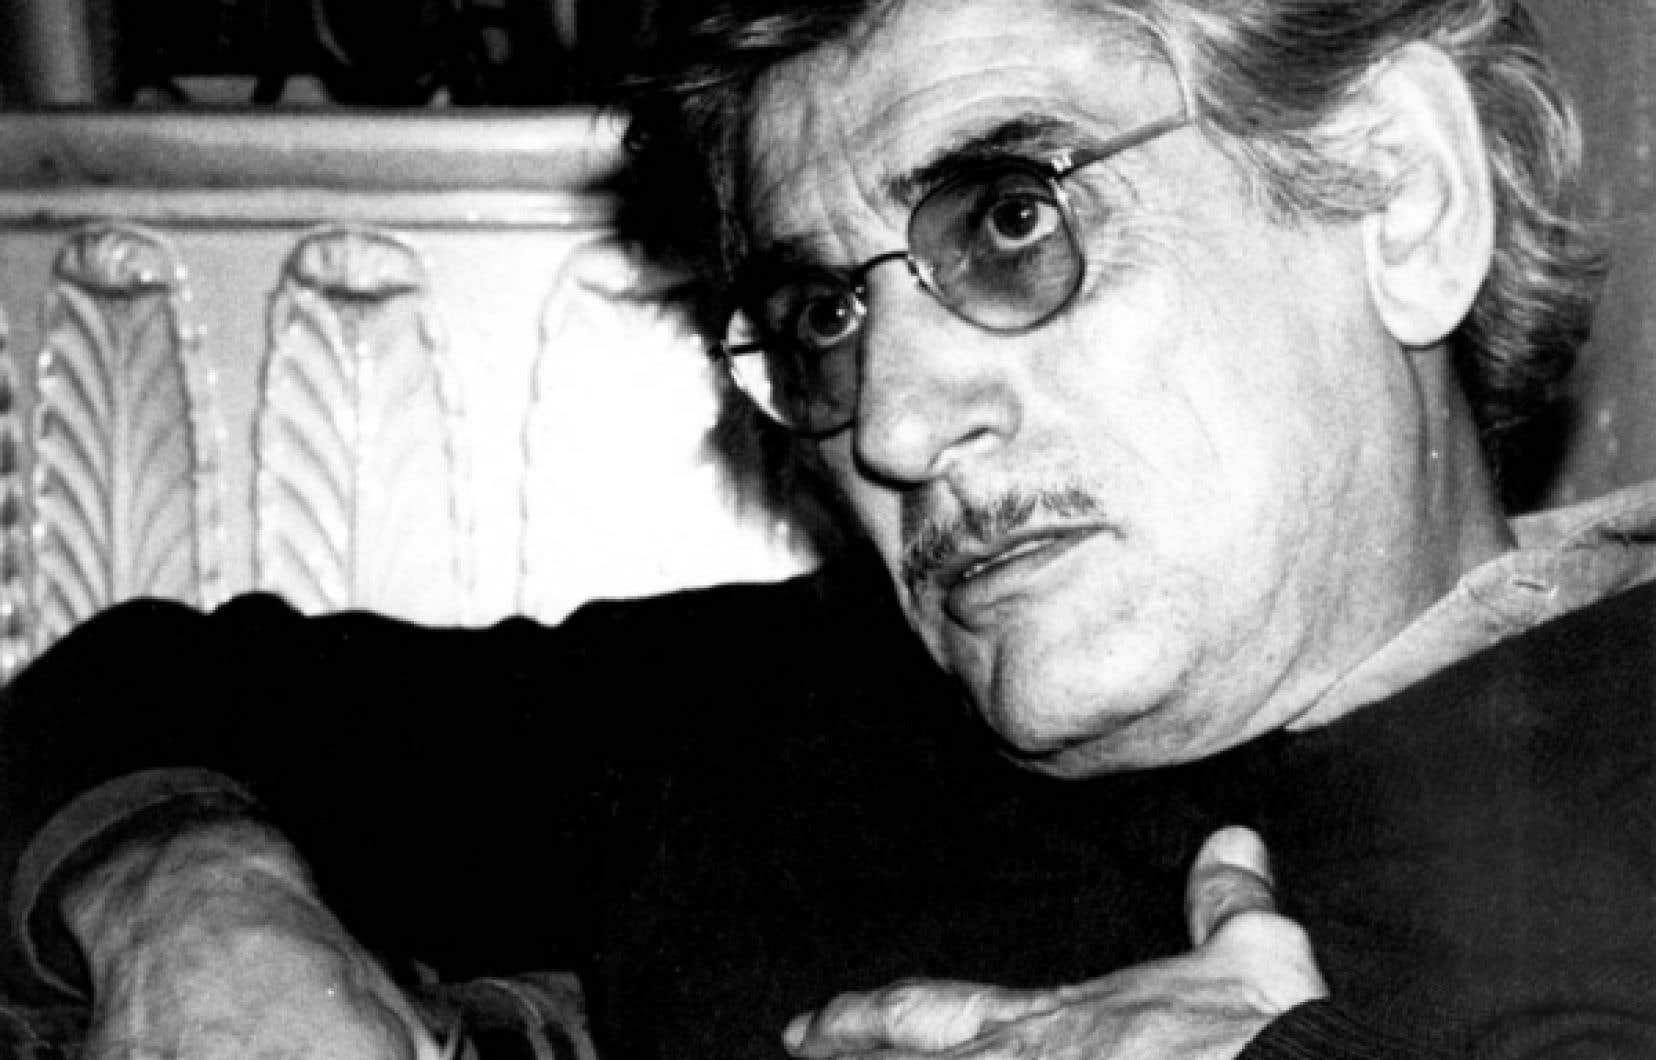 Gilles Carle était à la fois cinéaste, scénariste, producteur, réalisateur publicitaire et peintre. Il est décédé samedi des suites de la maladie de Parkinson qui l'avait laissé diminué depuis des années.